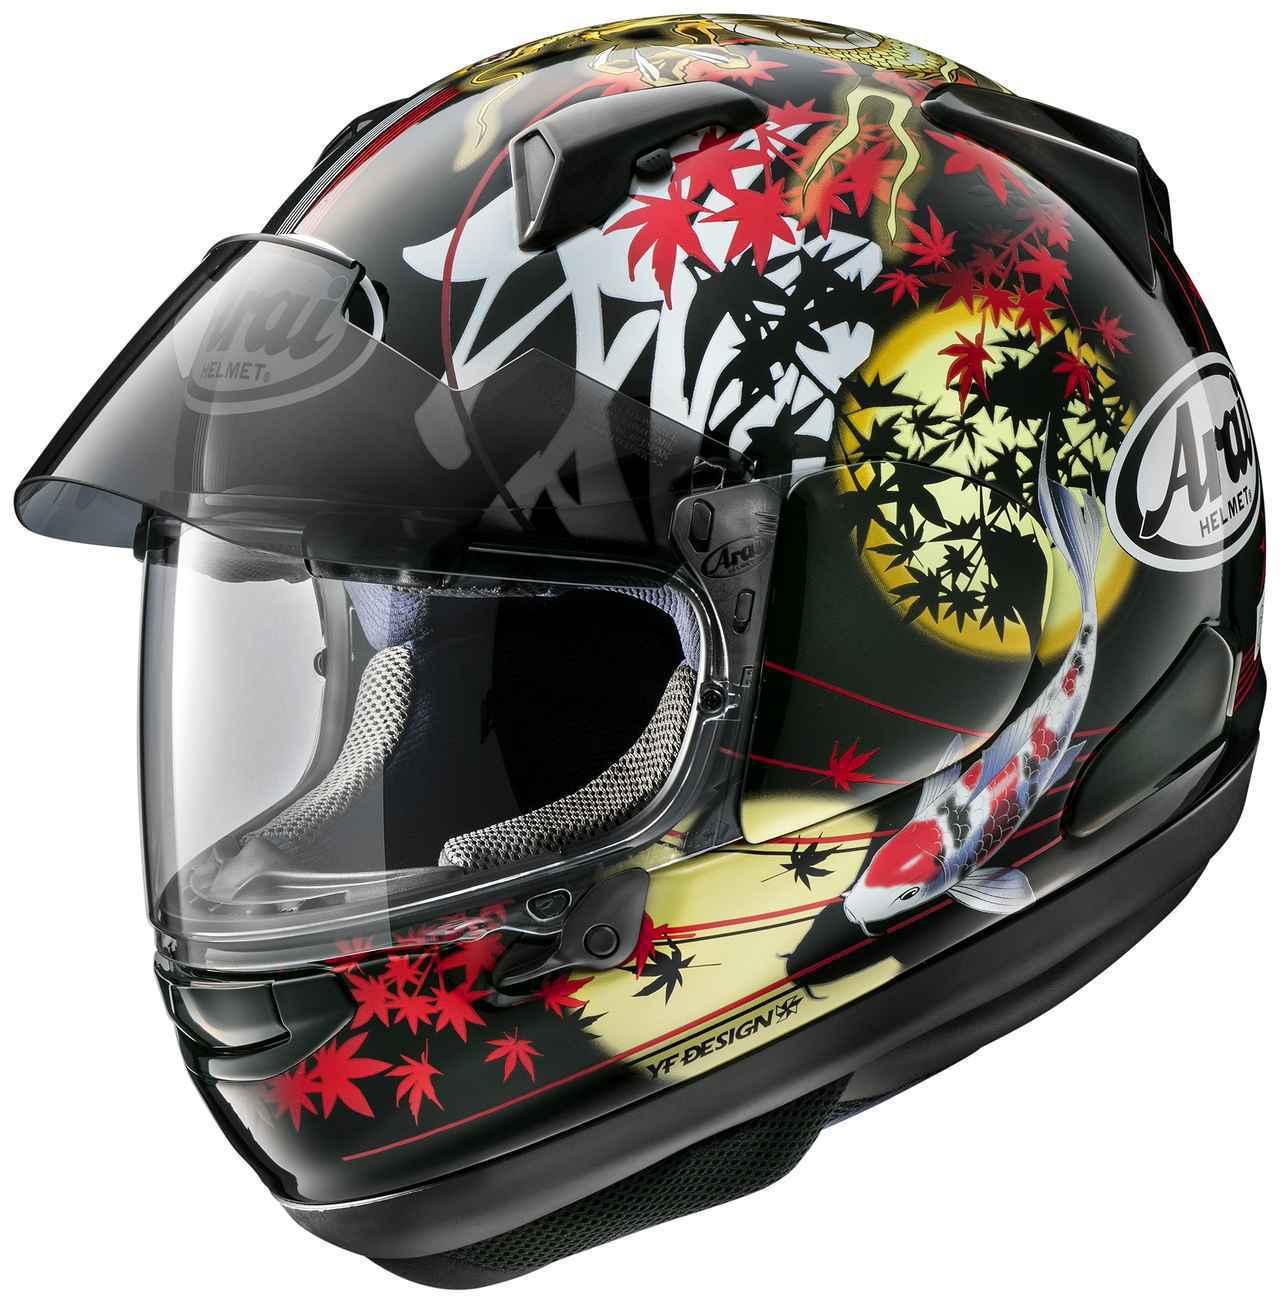 画像: 【Arai】次世代ツアラーヘルメット〈アストラルX〉に新グラフィック「オリエンタル2」が登場! - webオートバイ